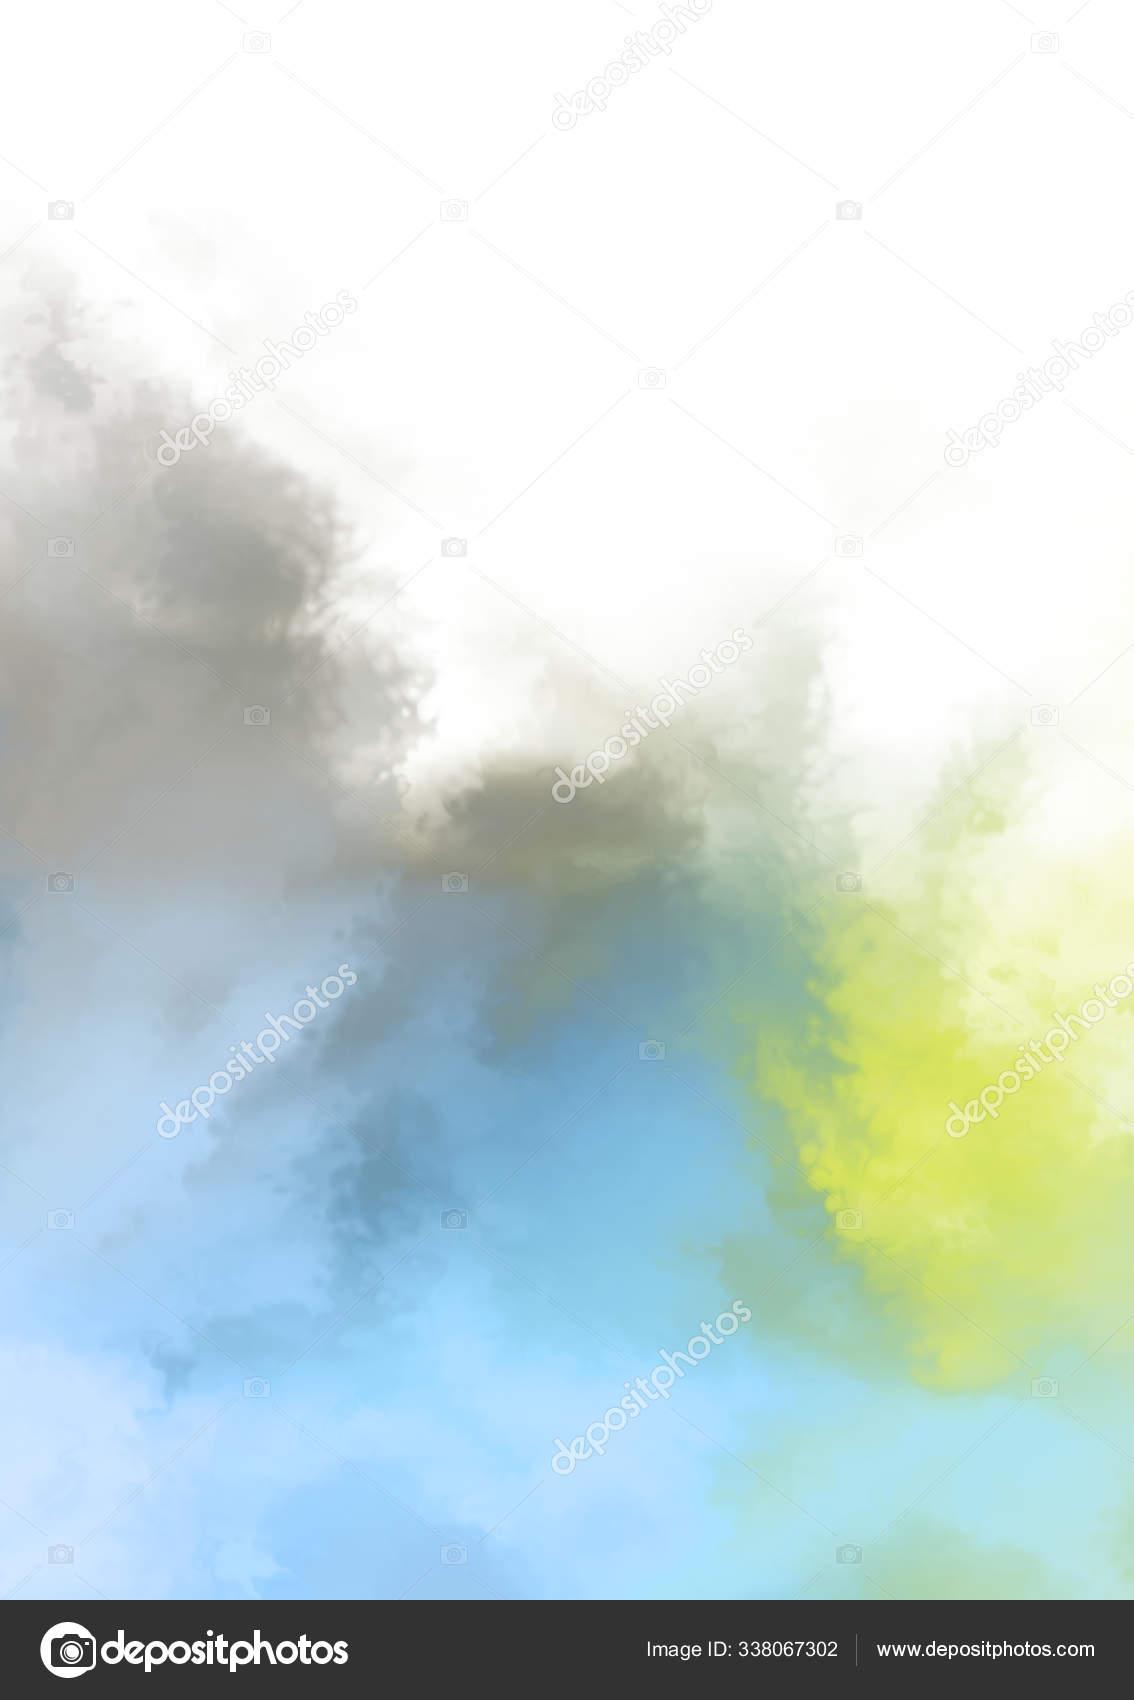 Обои мягкие цвета, Пятна, снежинки. Минимализм foto 6